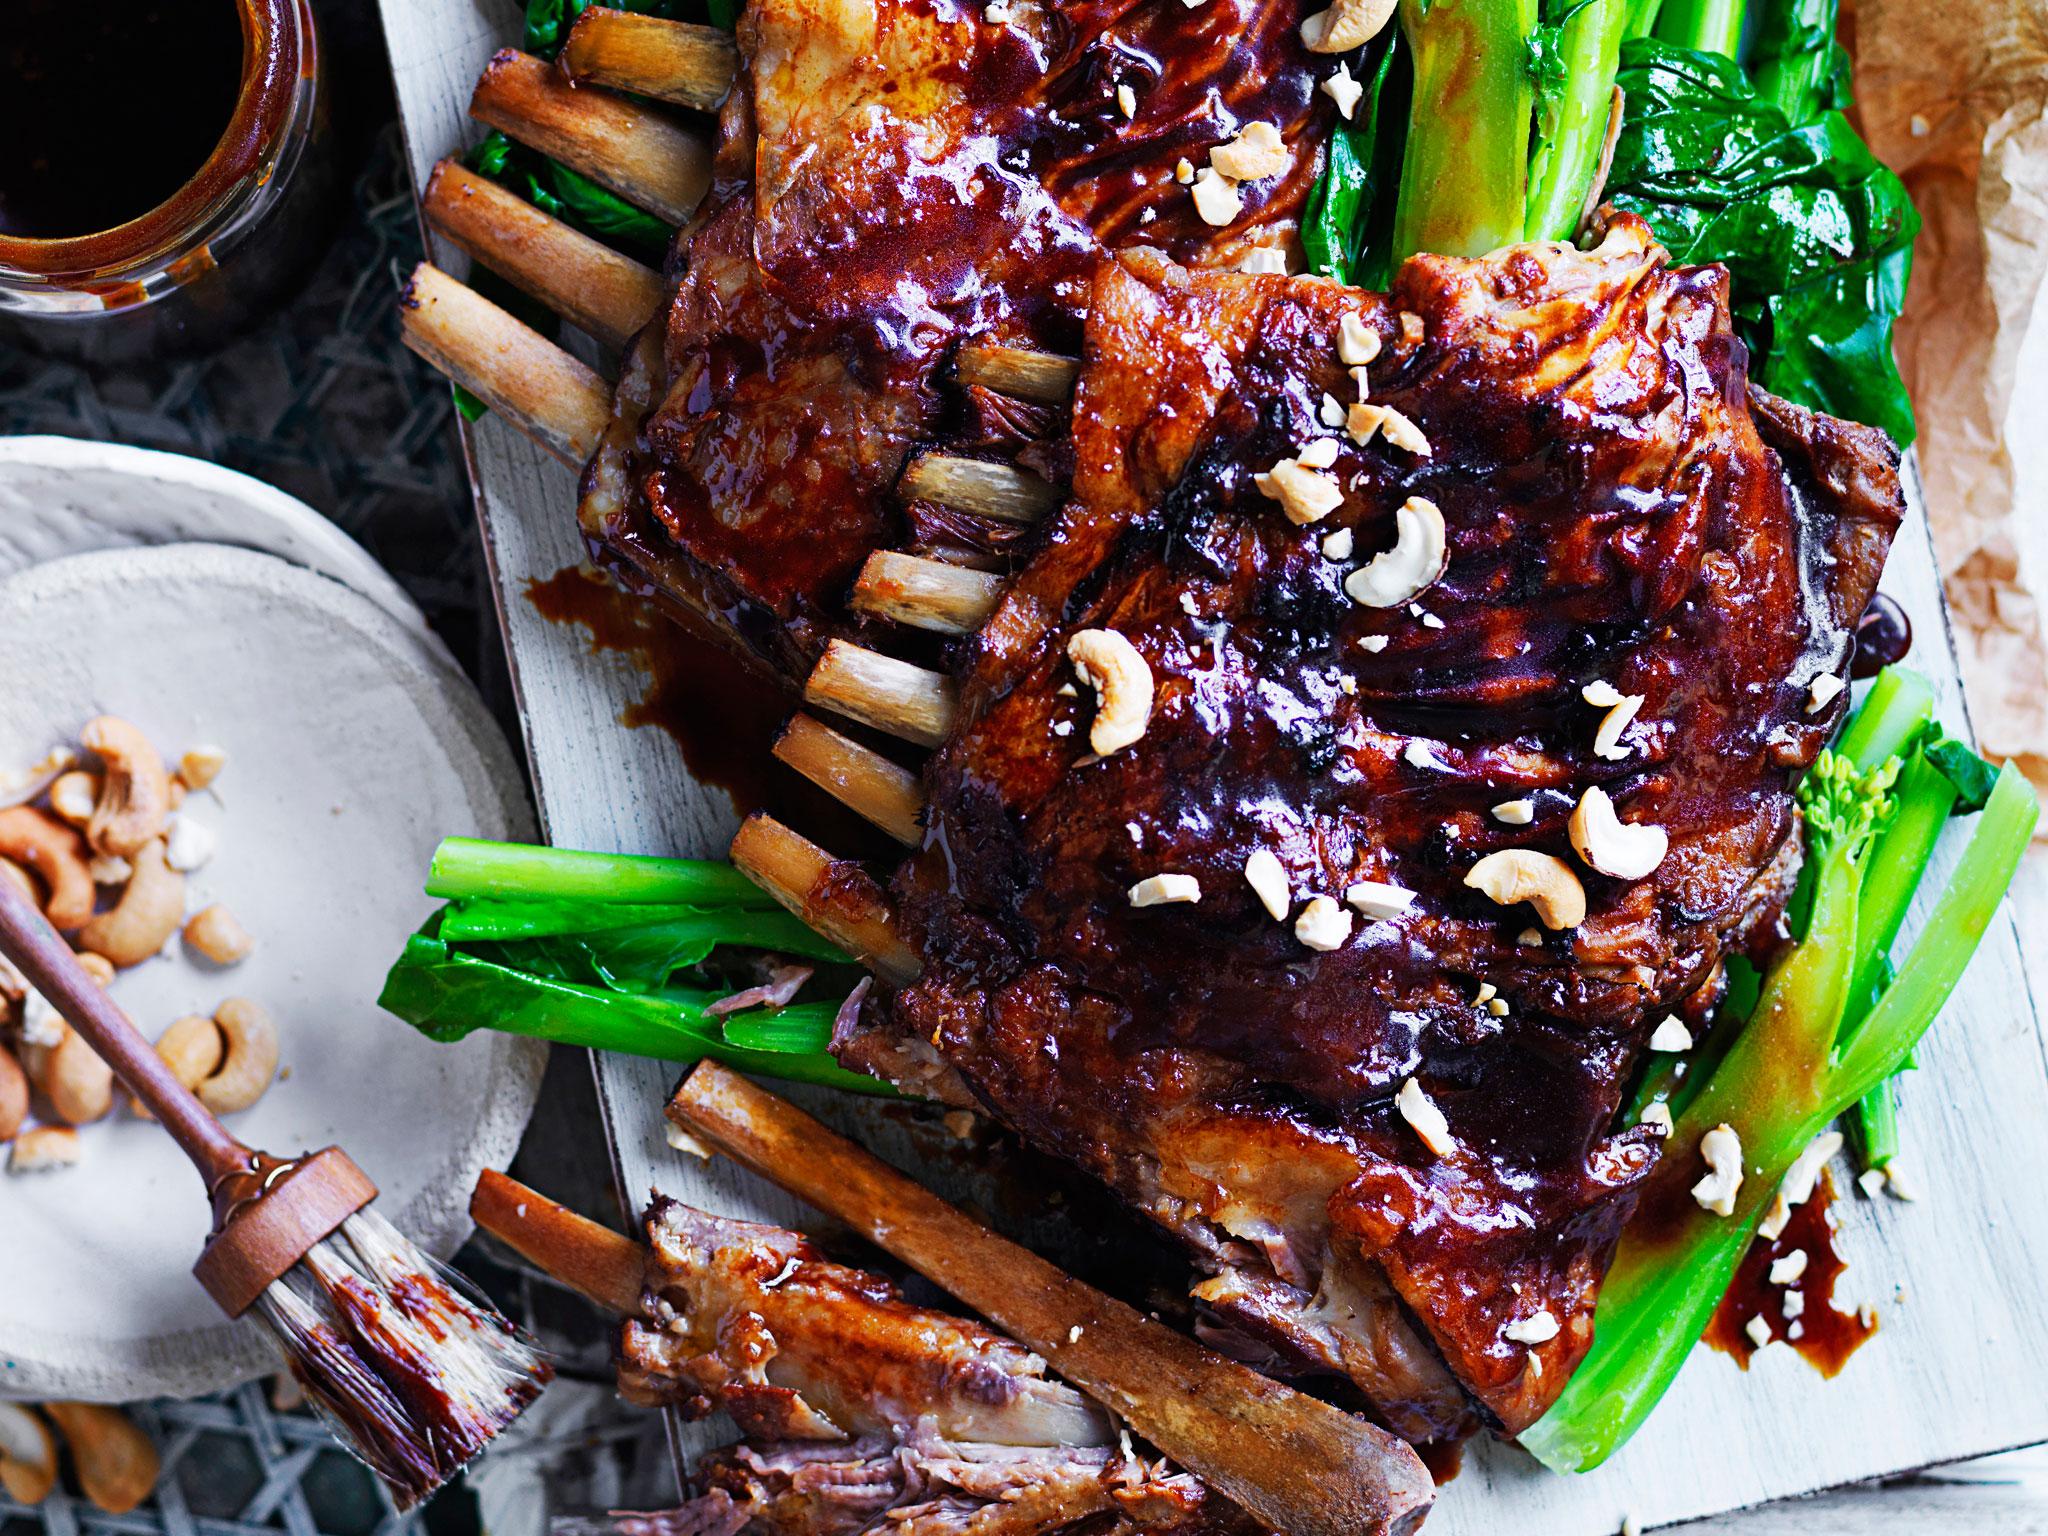 Examplary Sticky Lamb Ribs Recipe Food To Love Lamb Ribs Recipe Gordon Ramsay Lamb Ribs Recipe Baked nice food Lamb Ribs Recipe